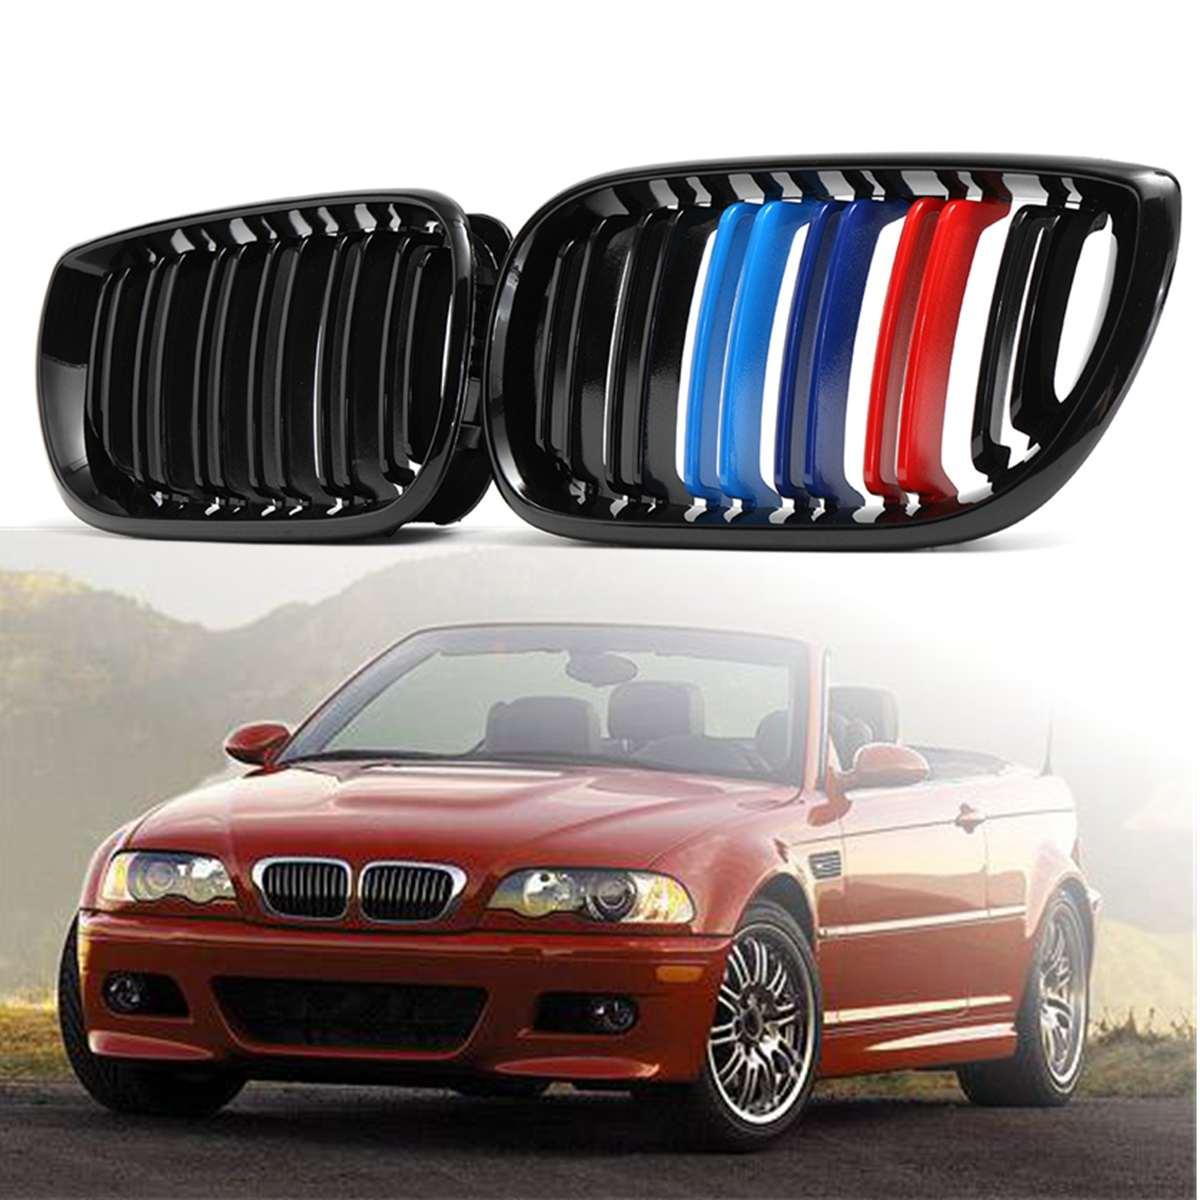 1 paire de grilles de calandre pour pare-chocs avant 2 lignes lamelle M couleur 3 couleur pour BMW série 3 E46 4 portes 2002 2003 2004 grilles de course